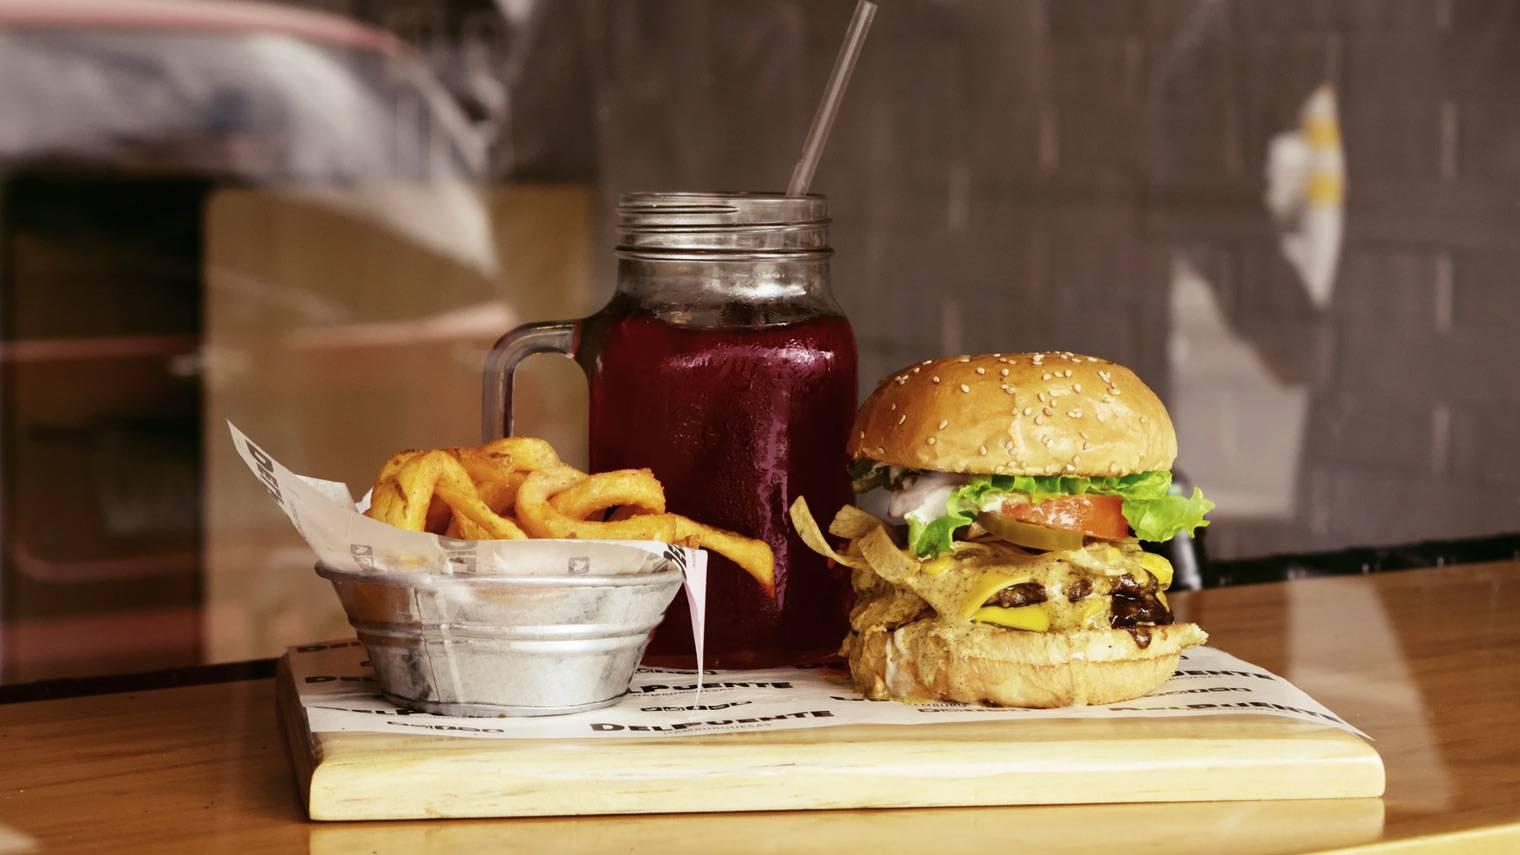 B站杀入餐饮,投了上海一家网红汉堡店